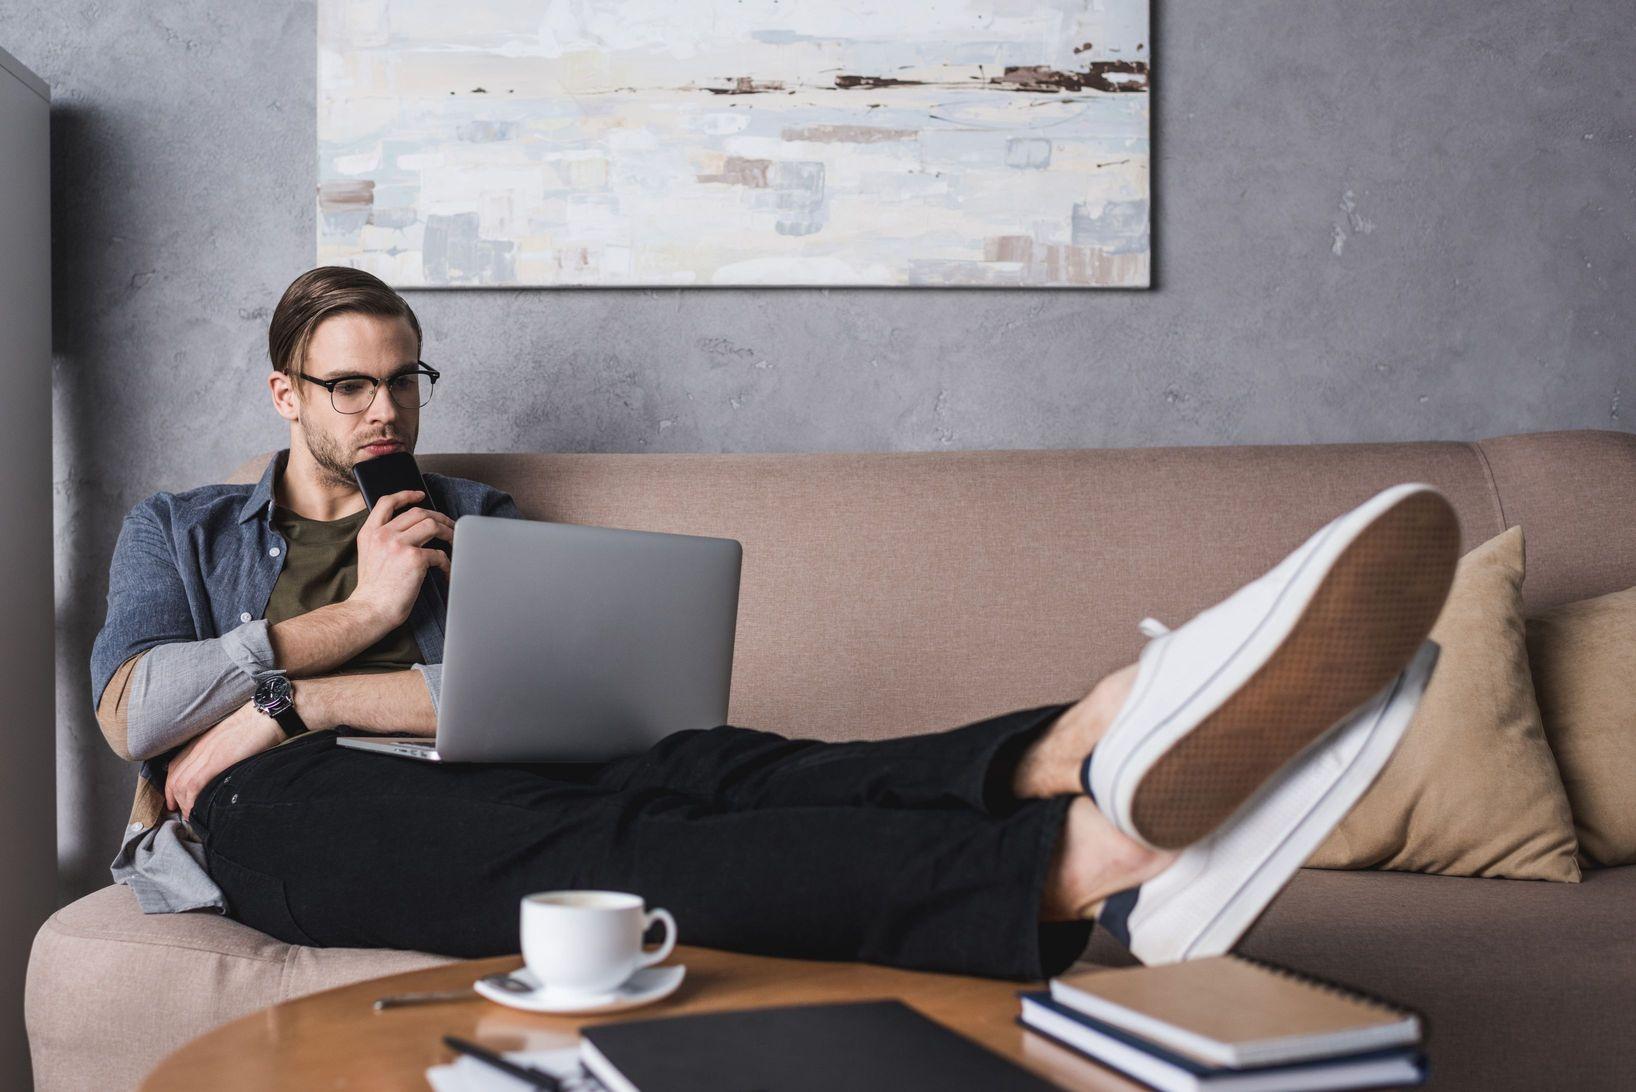 Mladý muž s nohami na stole a notebookom na kolenách pri káve pracuje z pohodlia domova.